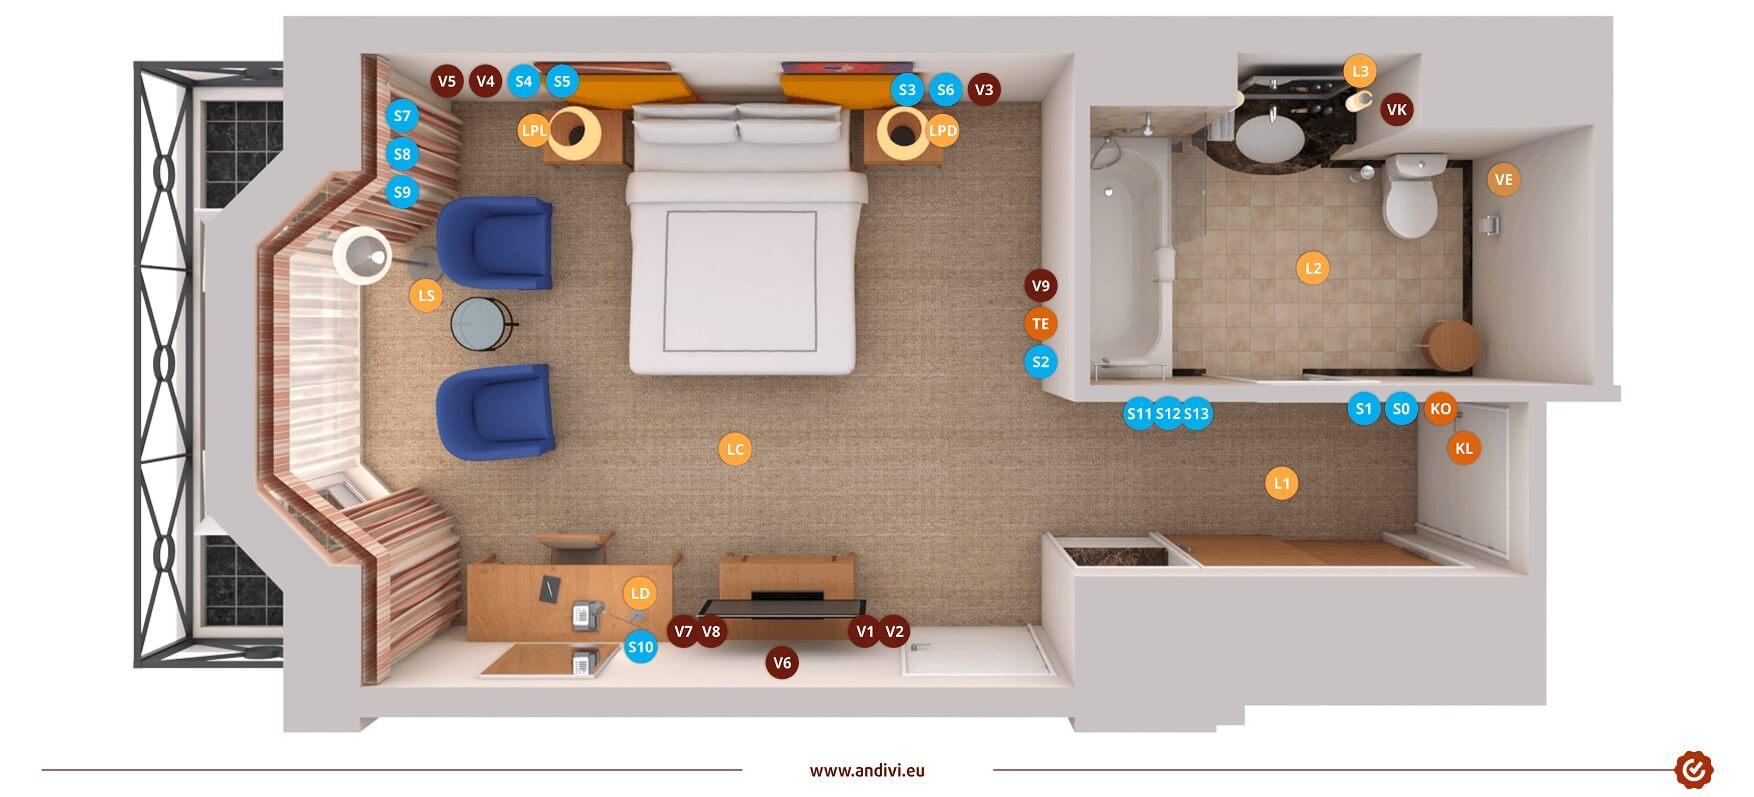 Hotelska Soba - Inteligentna soba - prekidaci - uticnice - rasvjeta - HR-slika